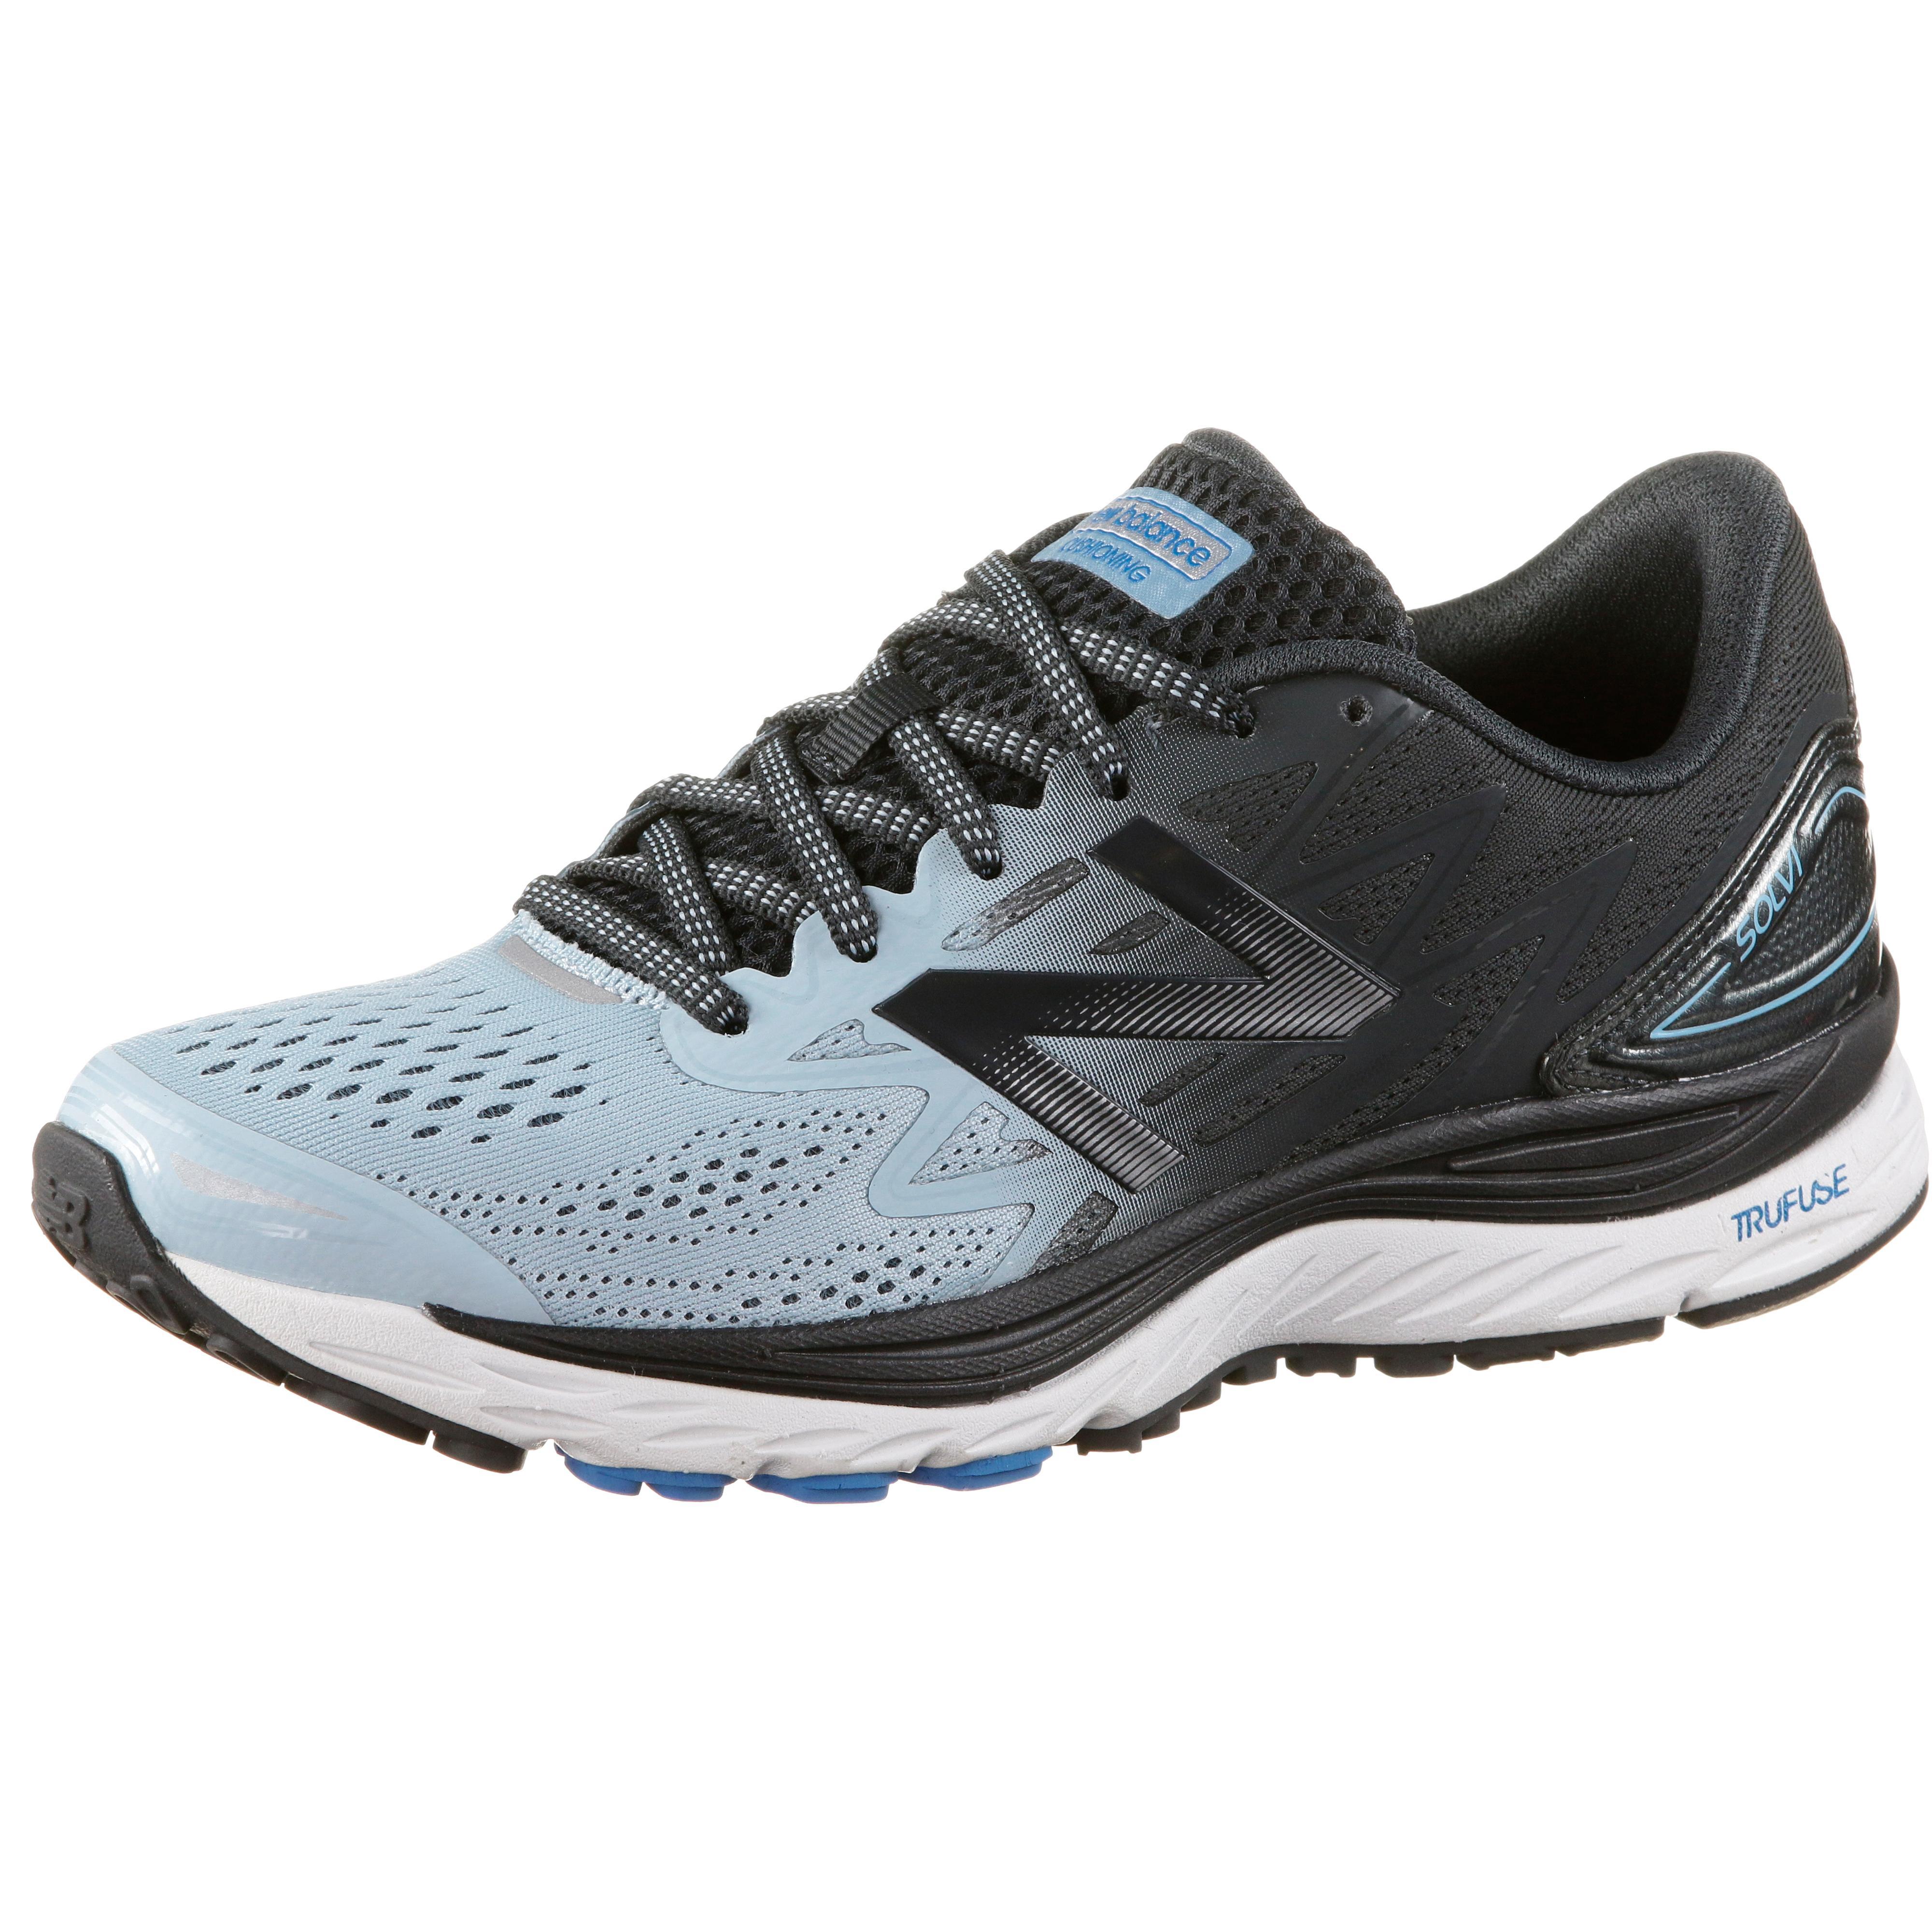 NEW BALANCE SOLVI Laufschuhe Damen light blue im Online Shop von  SportScheck kaufen